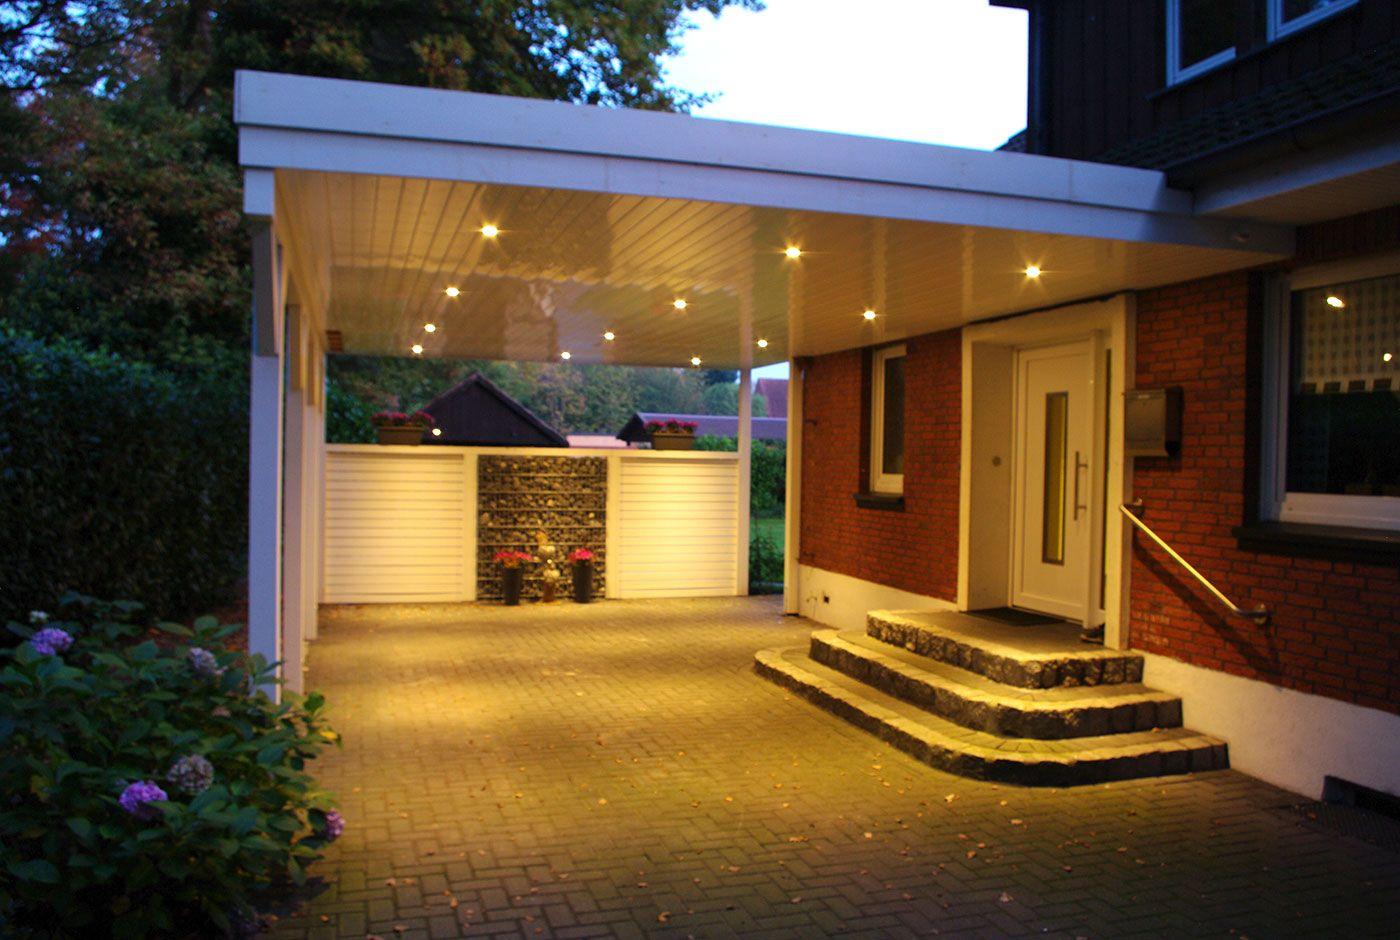 Ein Carport Mit Led Beleuchtung Wird Immer Belieber Es Verleiht Dem Carport Ein Besonderes Aussehen Und Verhilft Zu E Hauseingang Uberdachung Hauseingang Haus